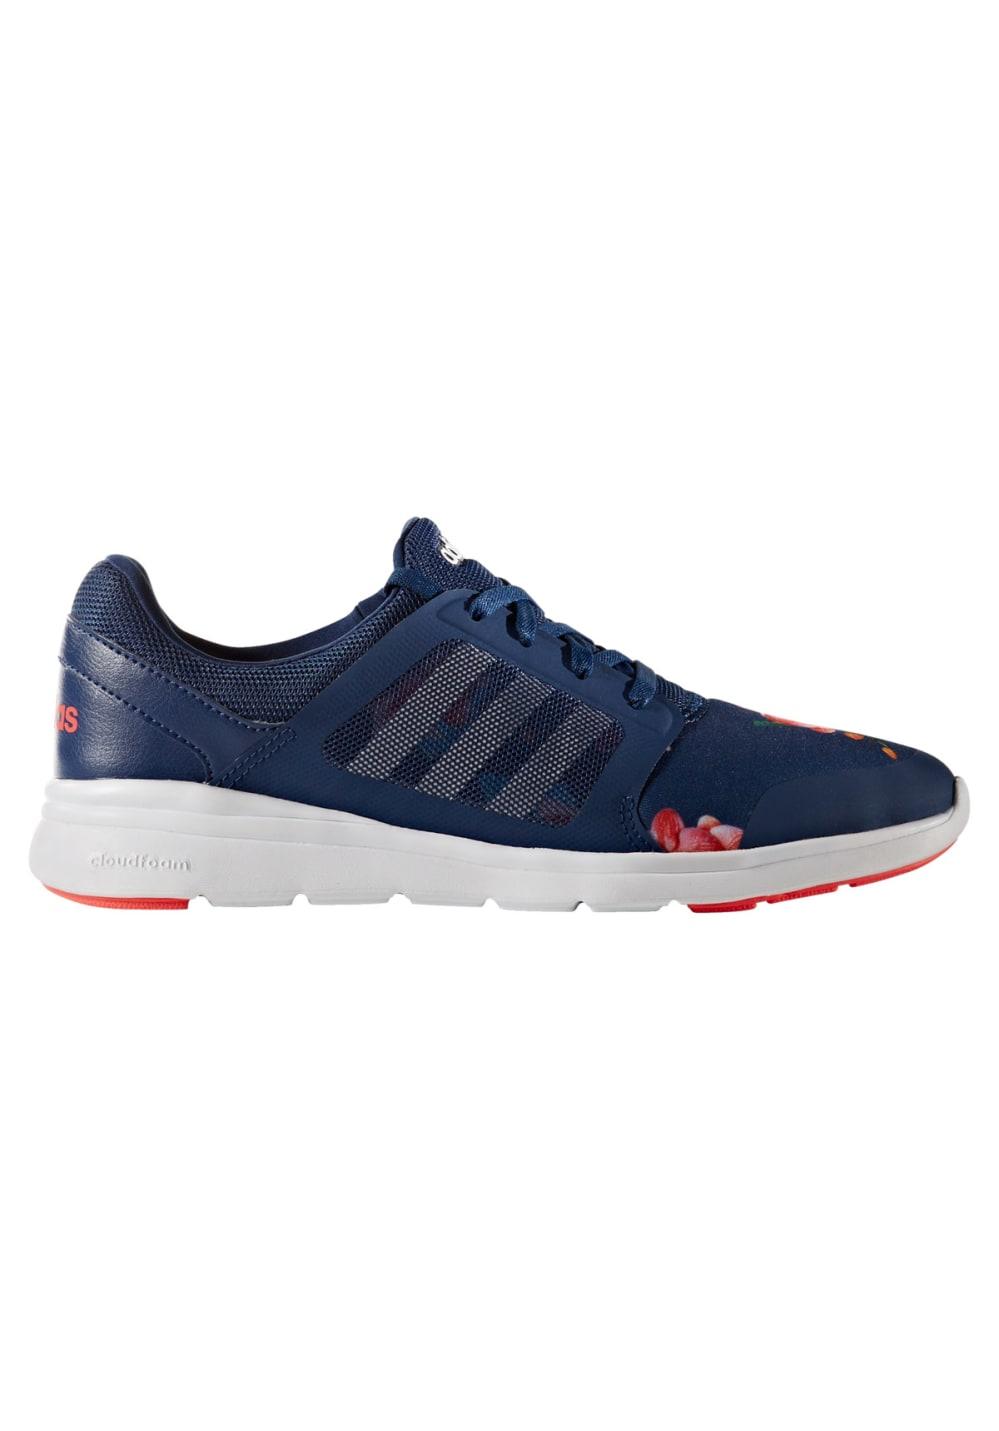 Sneakers für Frauen - adidas neo Cloudfoam Xpression Sneaker für Damen Blau  - Onlineshop 21Run